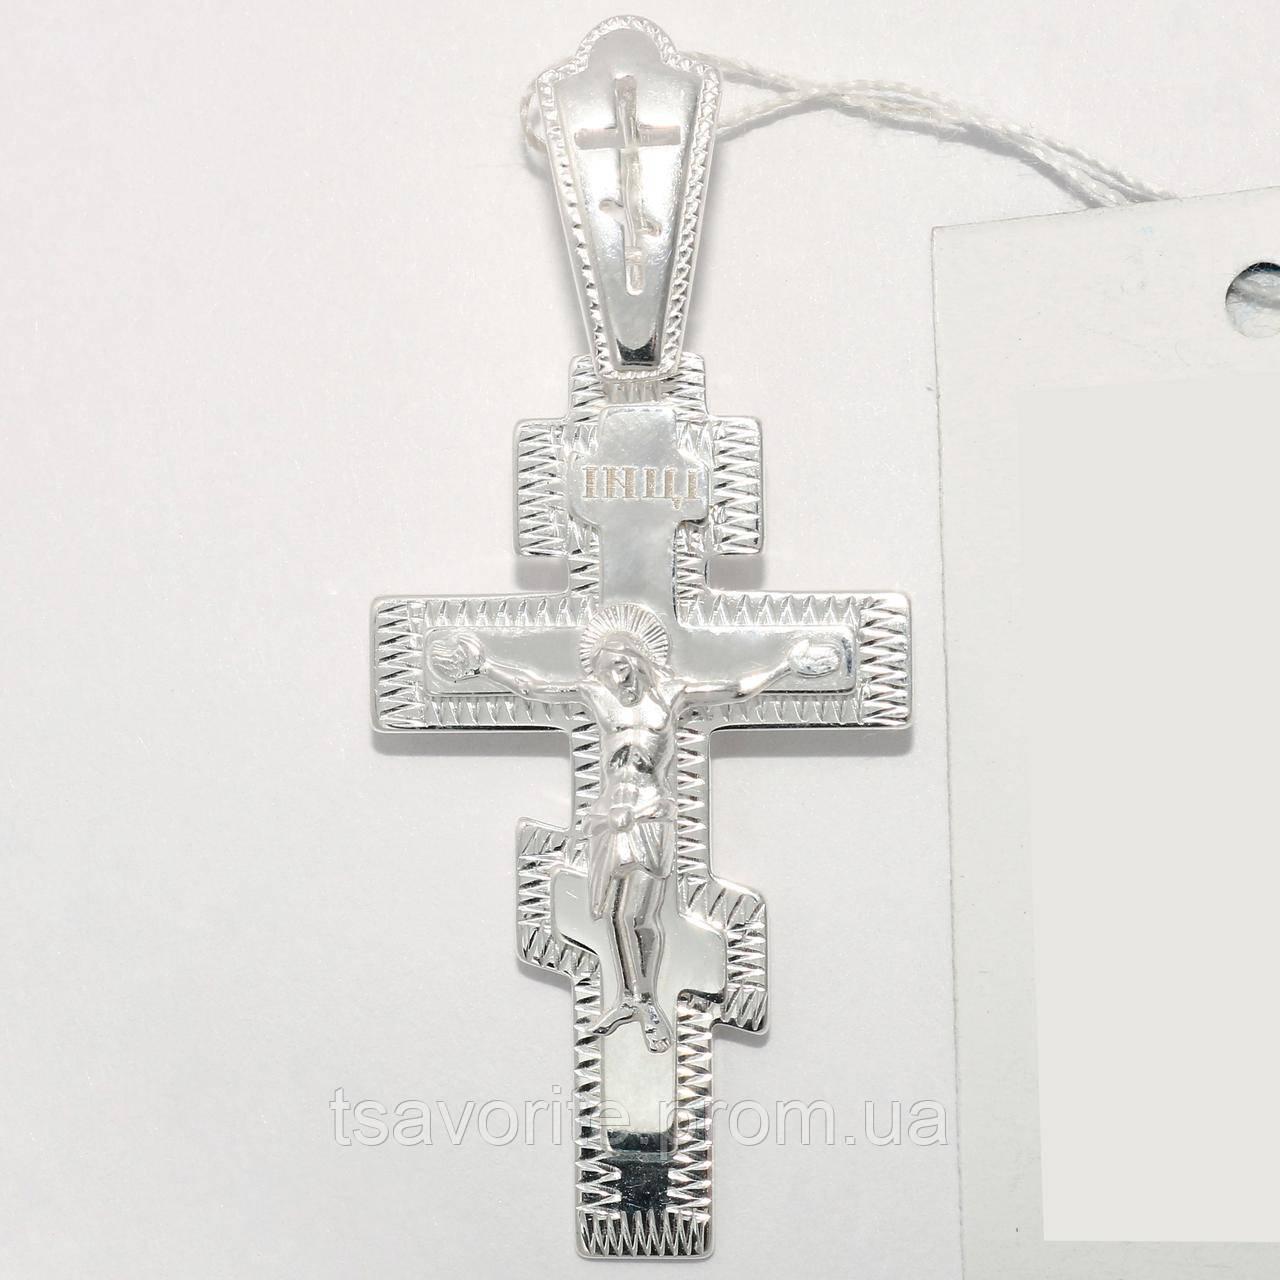 Серебряный крестик ВКХ-1